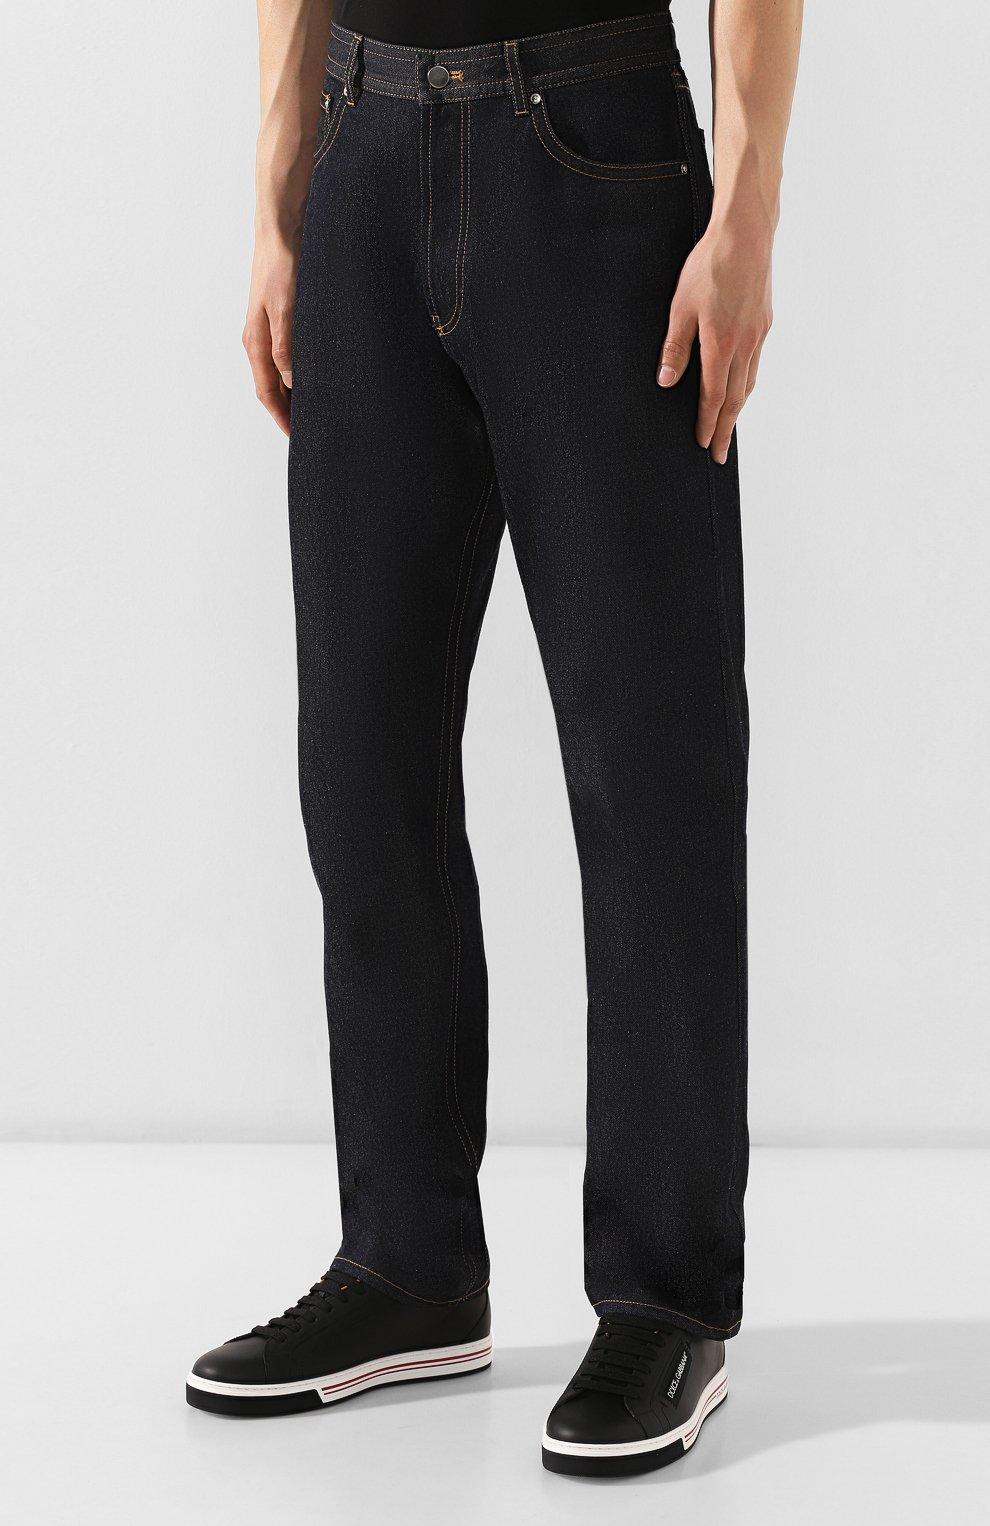 Мужские джинсы BOTTEGA VENETA темно-синего цвета, арт. 566888/VKBC0 | Фото 3 (Силуэт М (брюки): Прямые; Длина (брюки, джинсы): Стандартные; Материал внешний: Хлопок, Деним)